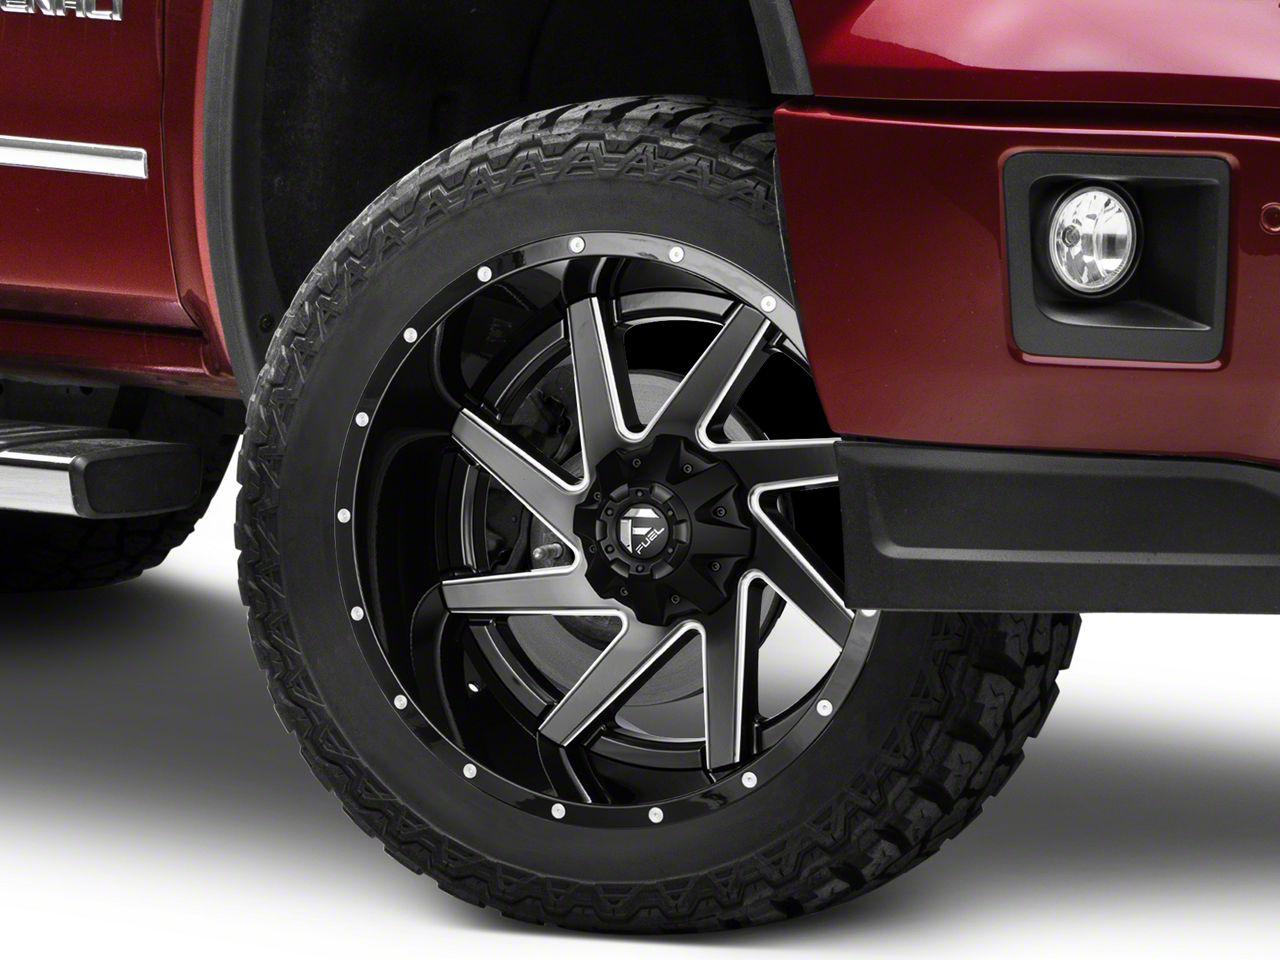 Fuel Wheels Renegade Black Milled 6-Lug Wheel - 22x12 (07-18 Sierra 1500)